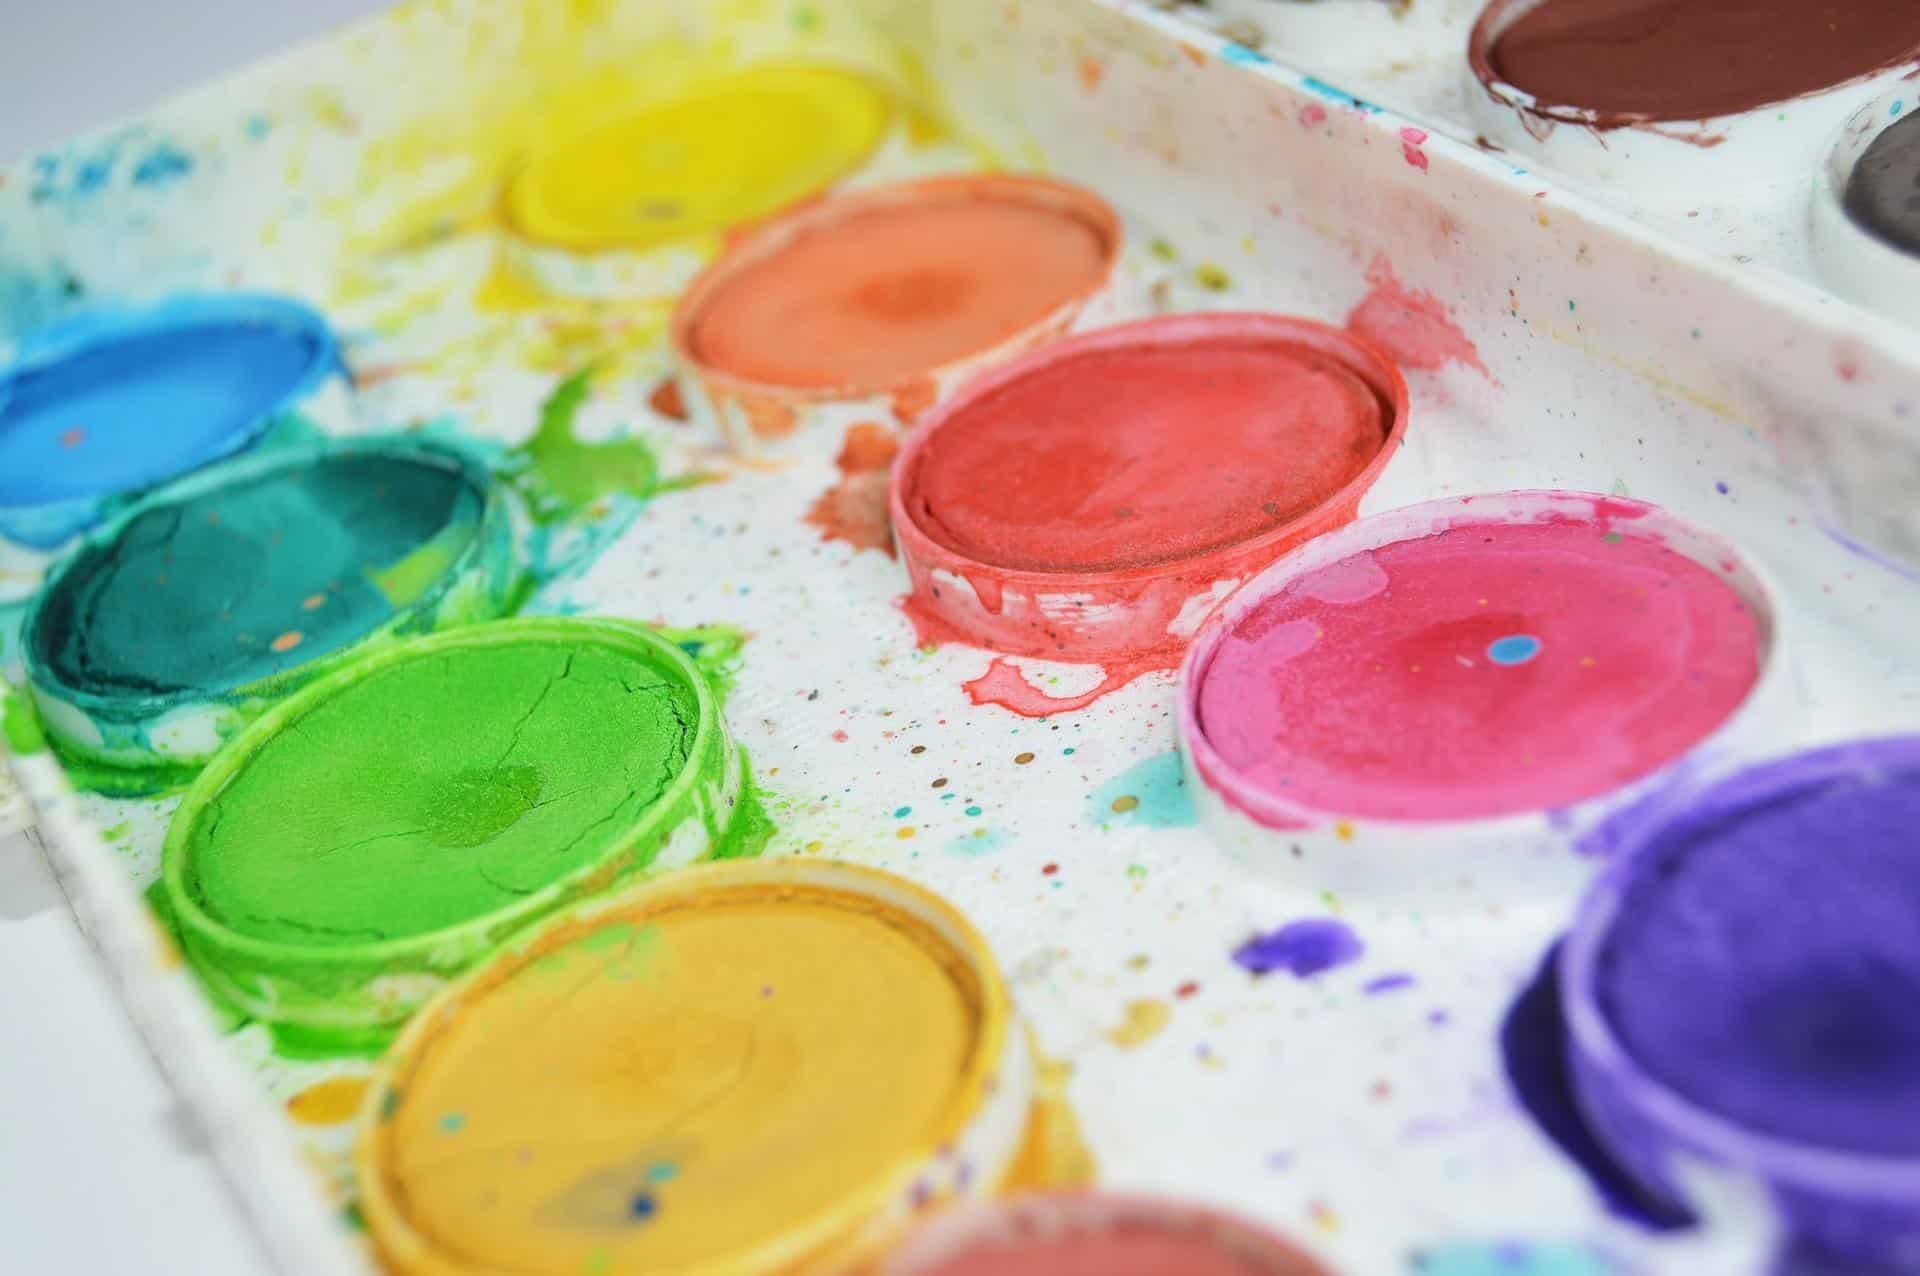 gouache different color